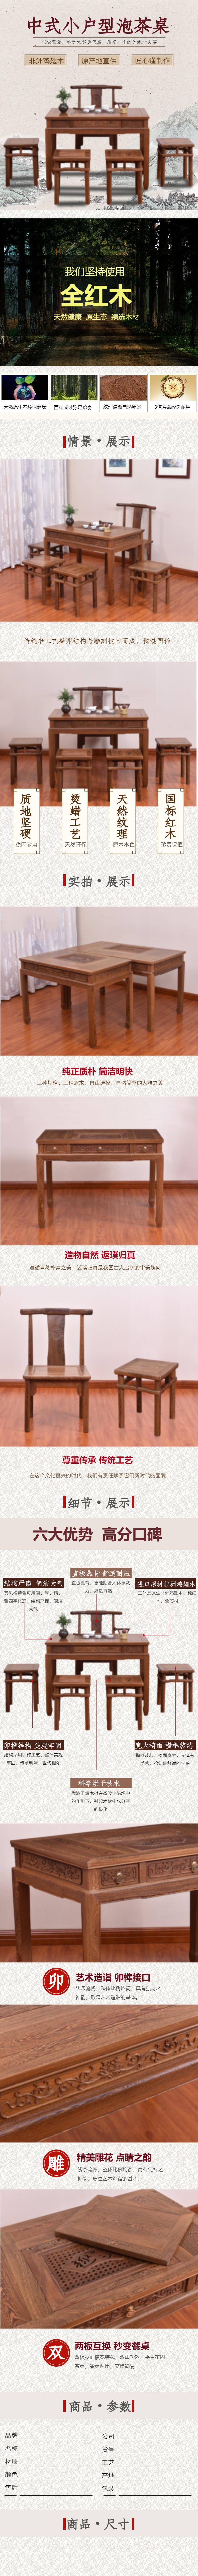 古风简约百货零售家居家具中式桌子促销电商详情页